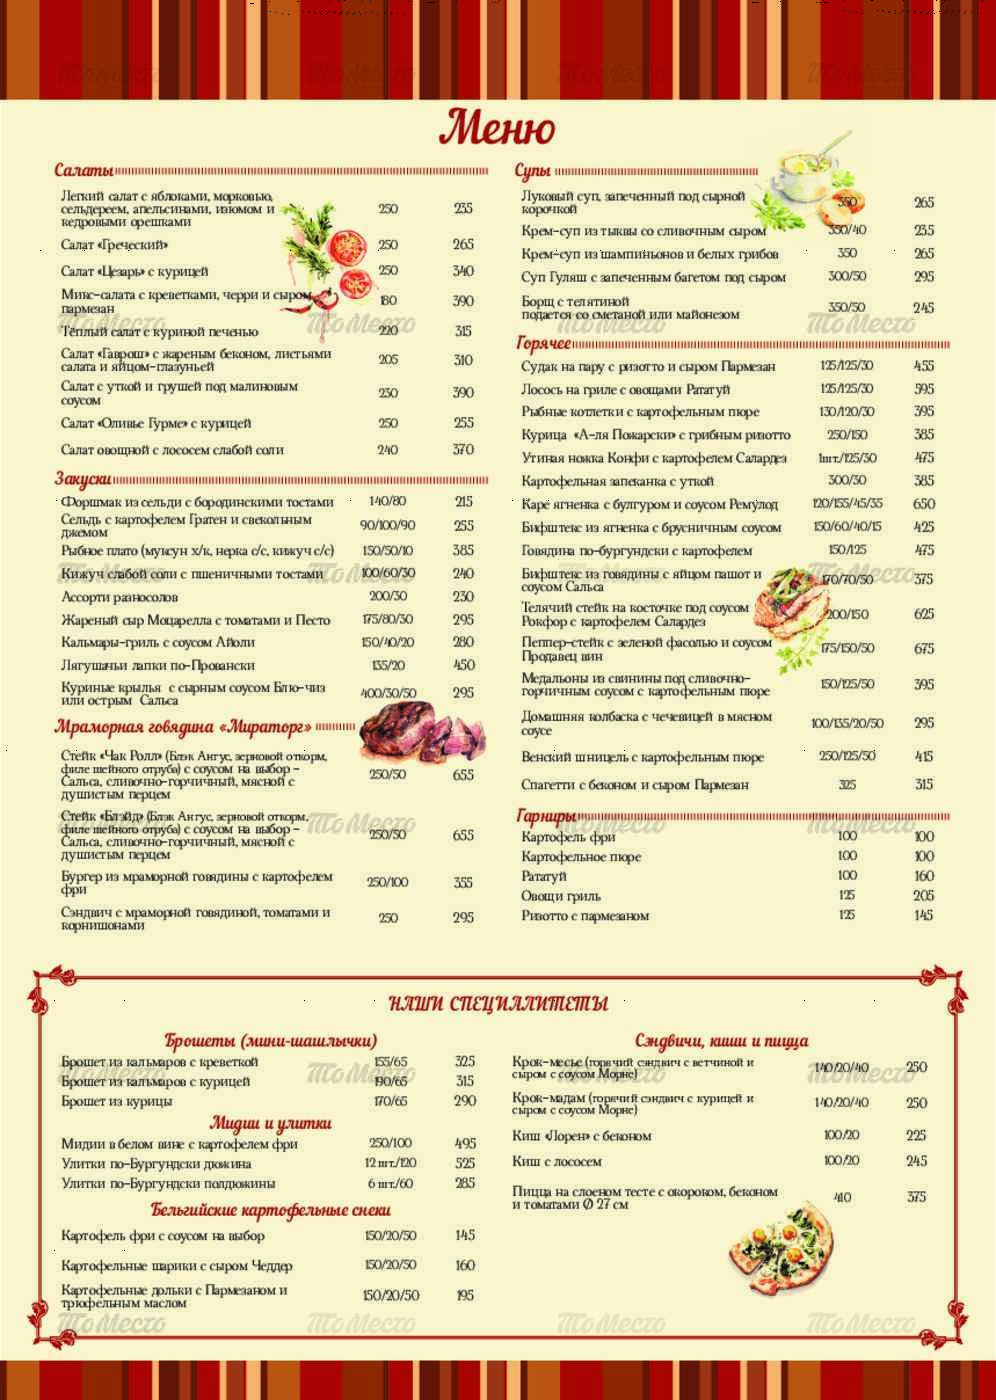 Меню кафе, ресторана Гаврош на Рождественской улице